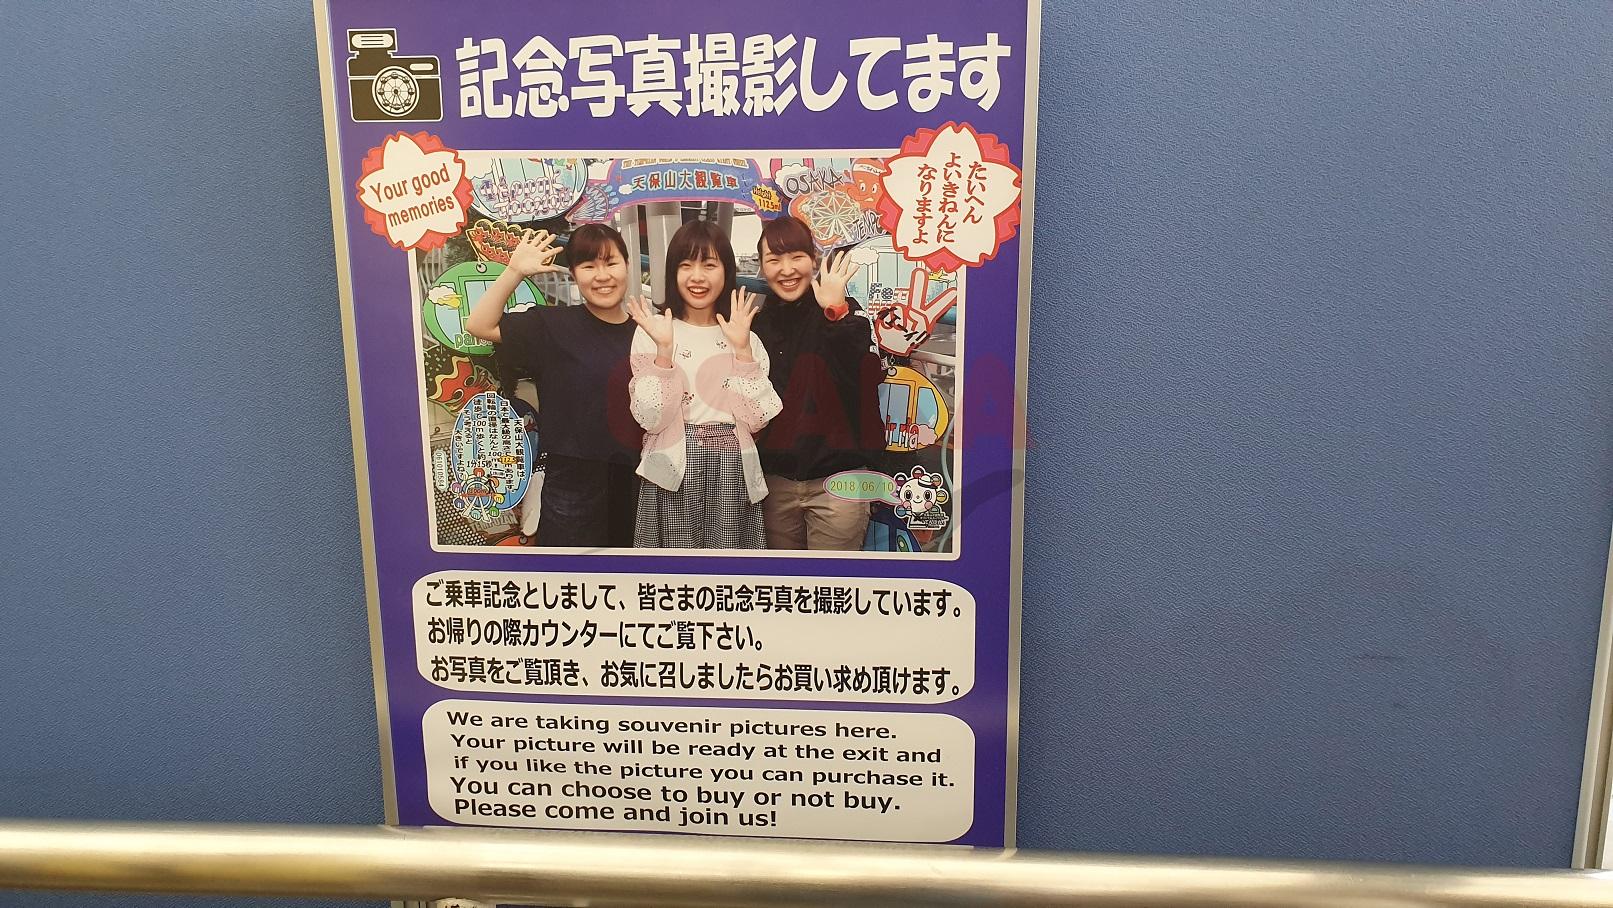 오사카 관람차 기념사진